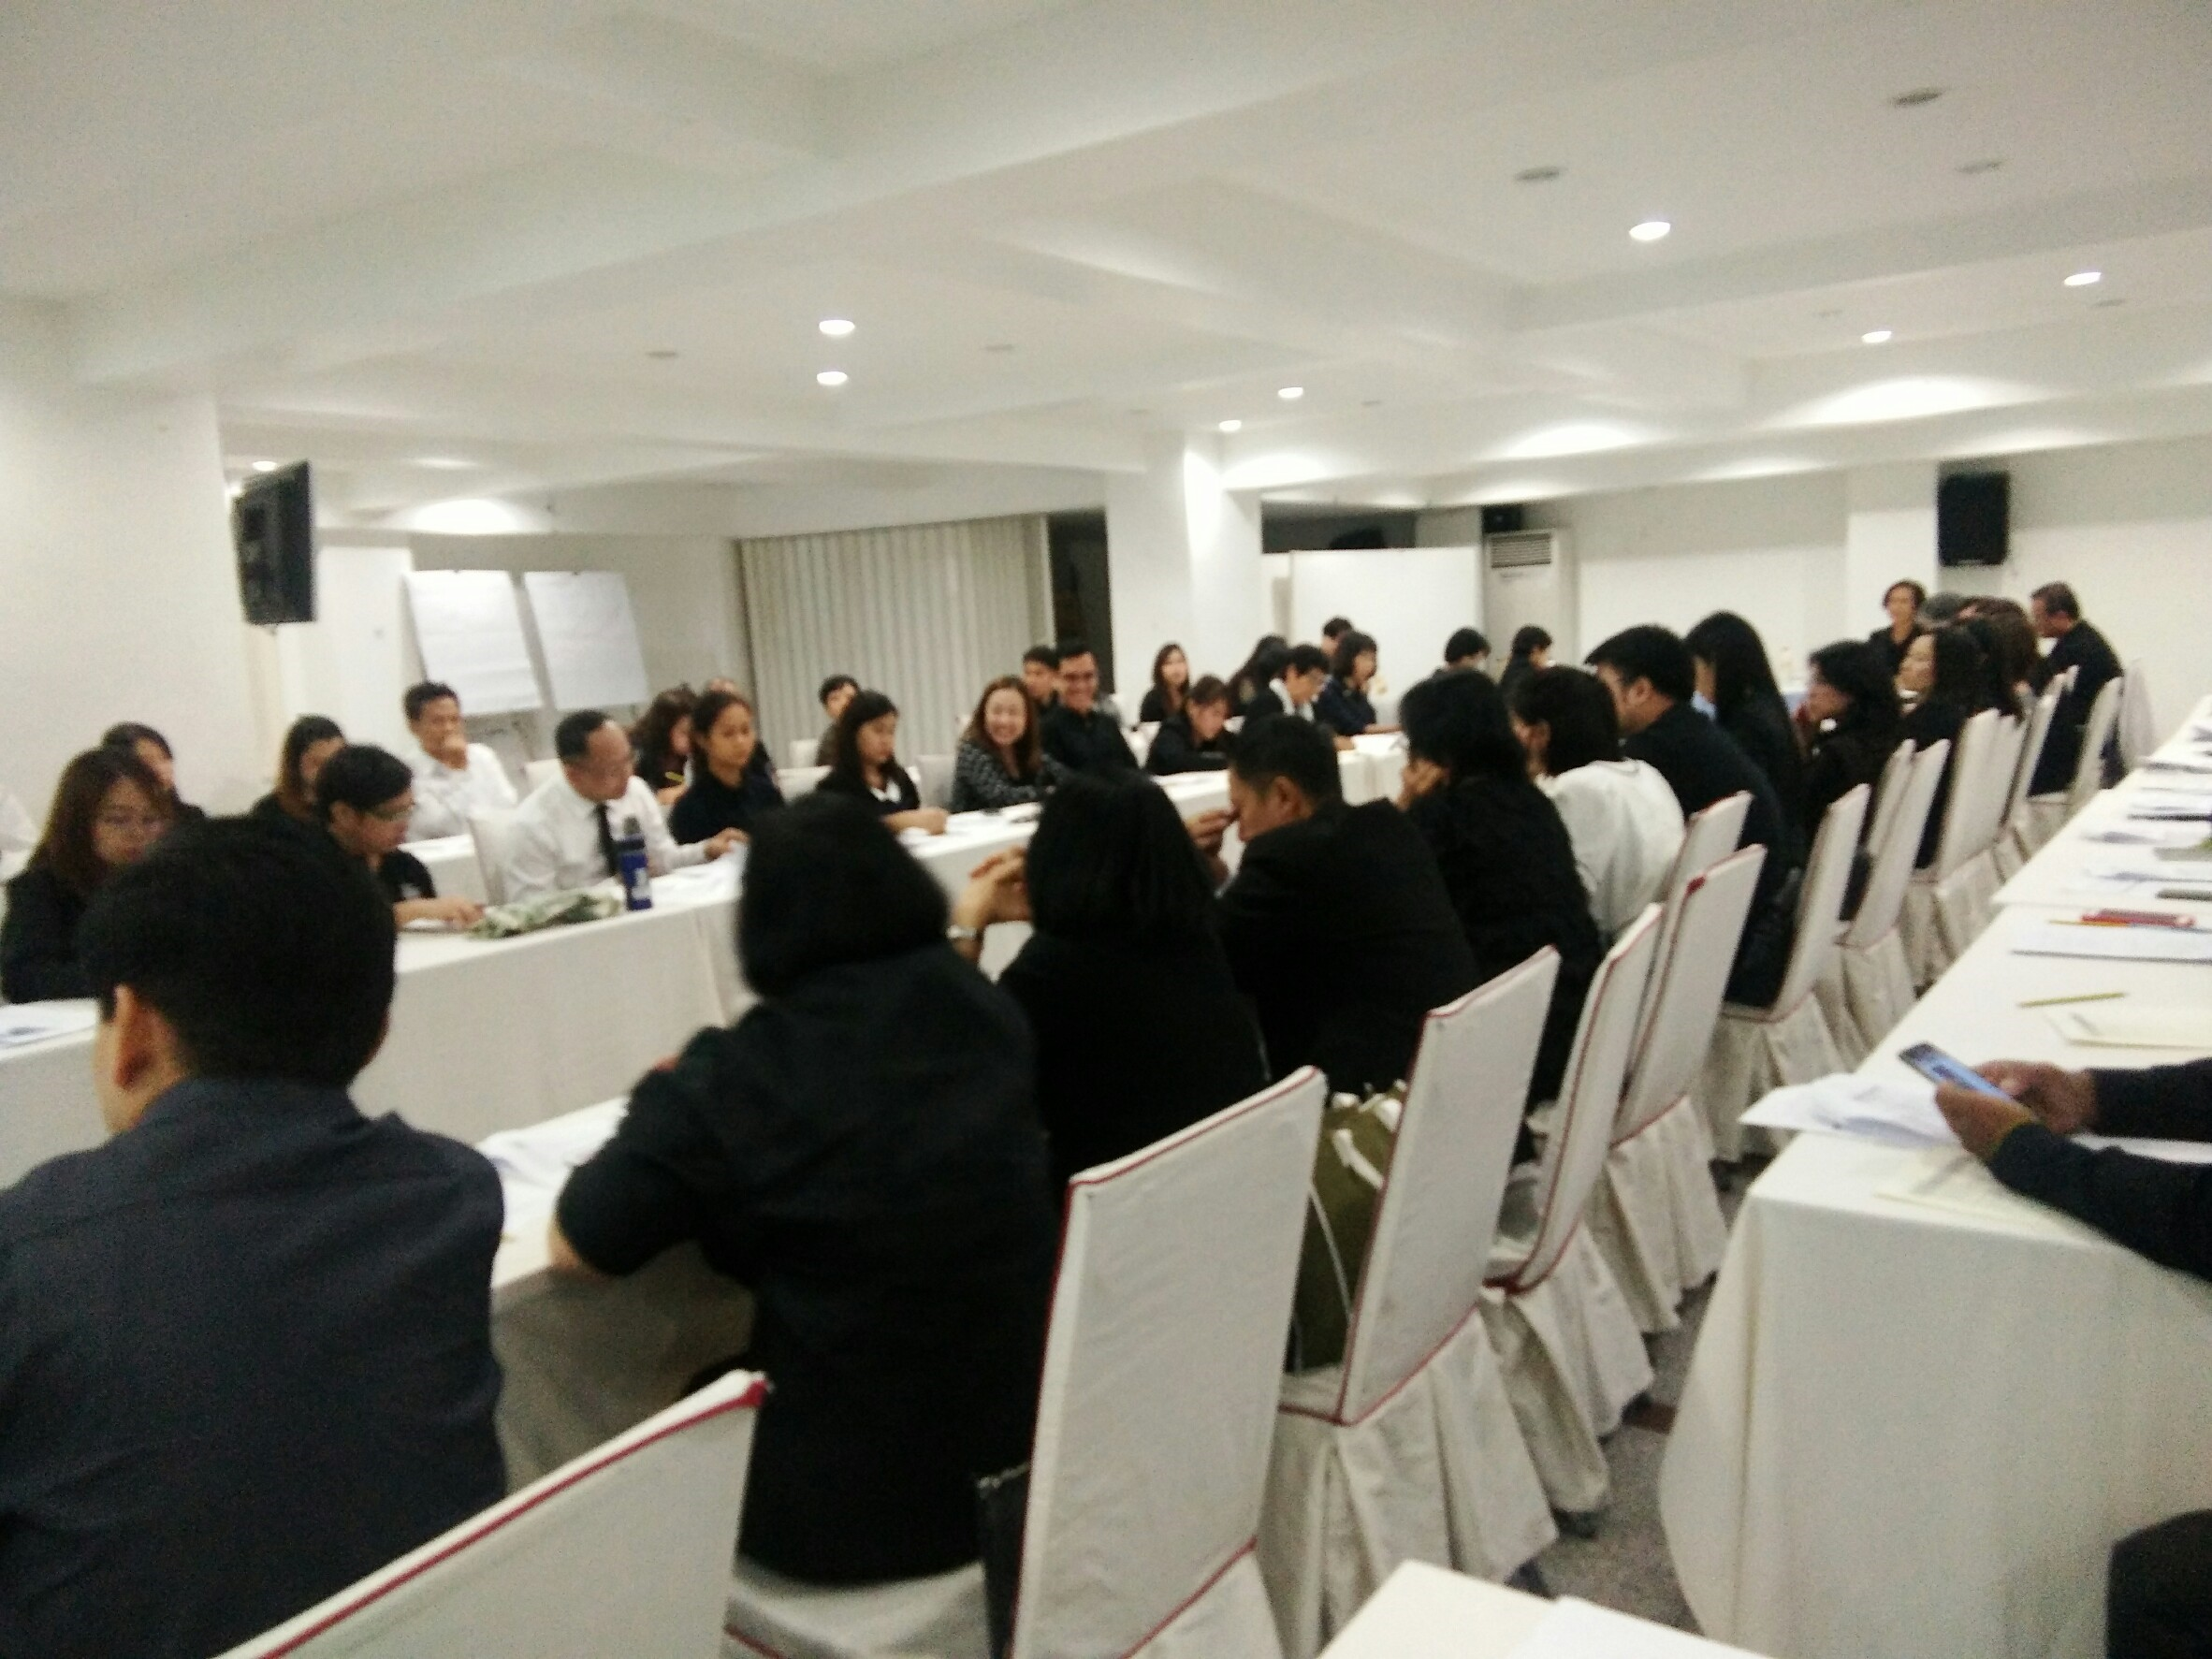 การประชุมร่างแผนบูรณาการเครือข่ายสิ่งแวดล้อมเมืองที่ยั่งยืน ครั้งที่ 2